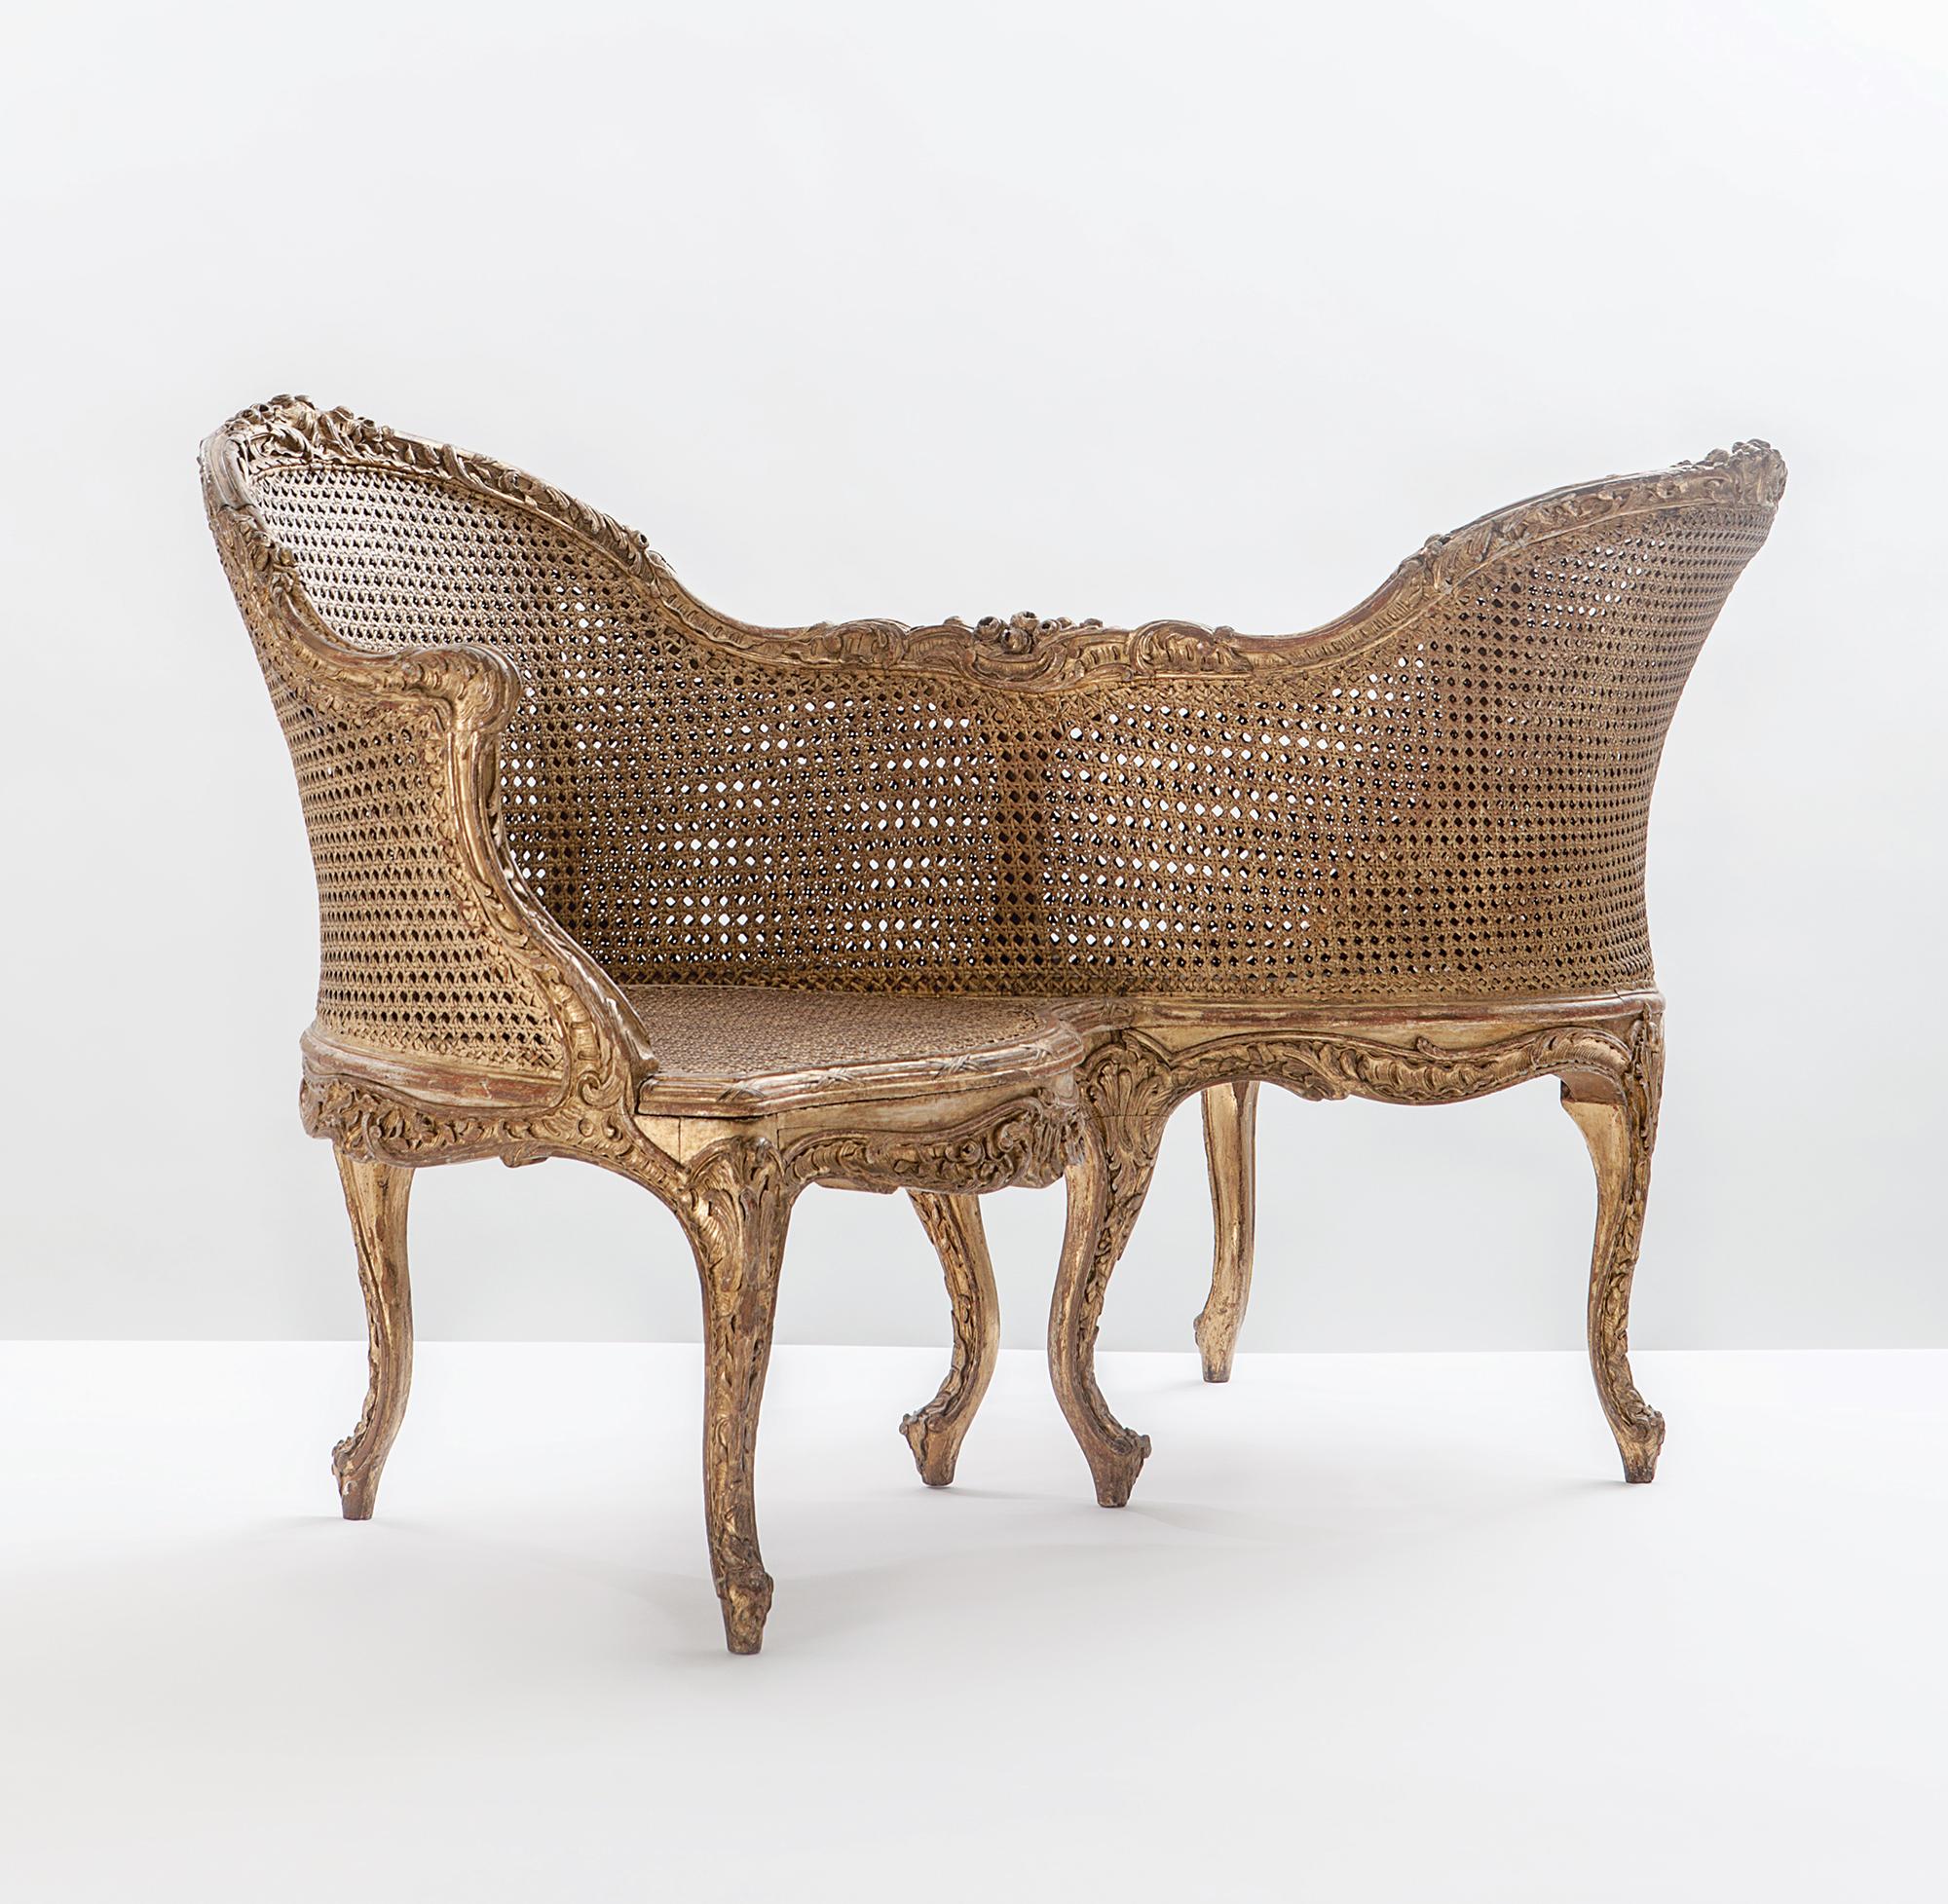 confident au rouet d or paris tapissier a mini entre 1878 1889. Black Bedroom Furniture Sets. Home Design Ideas